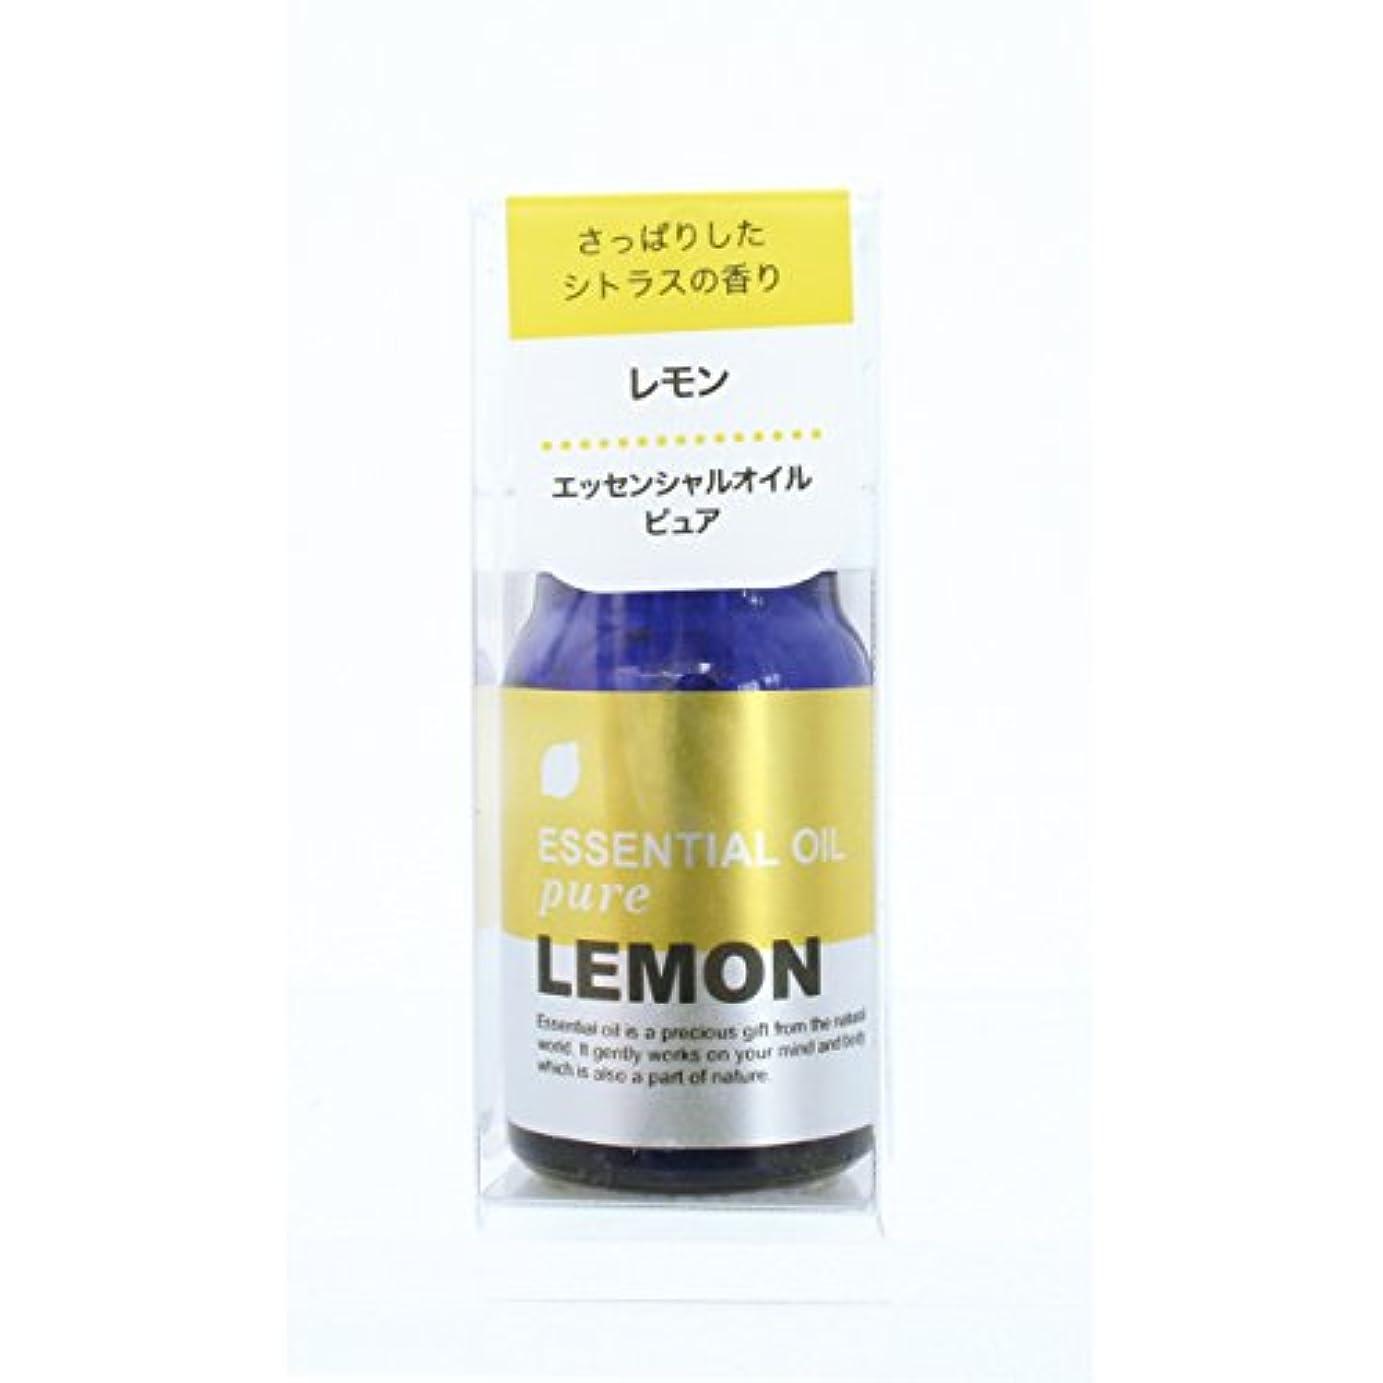 ガウン灰移住するプチエッセンシャルオイル レモン